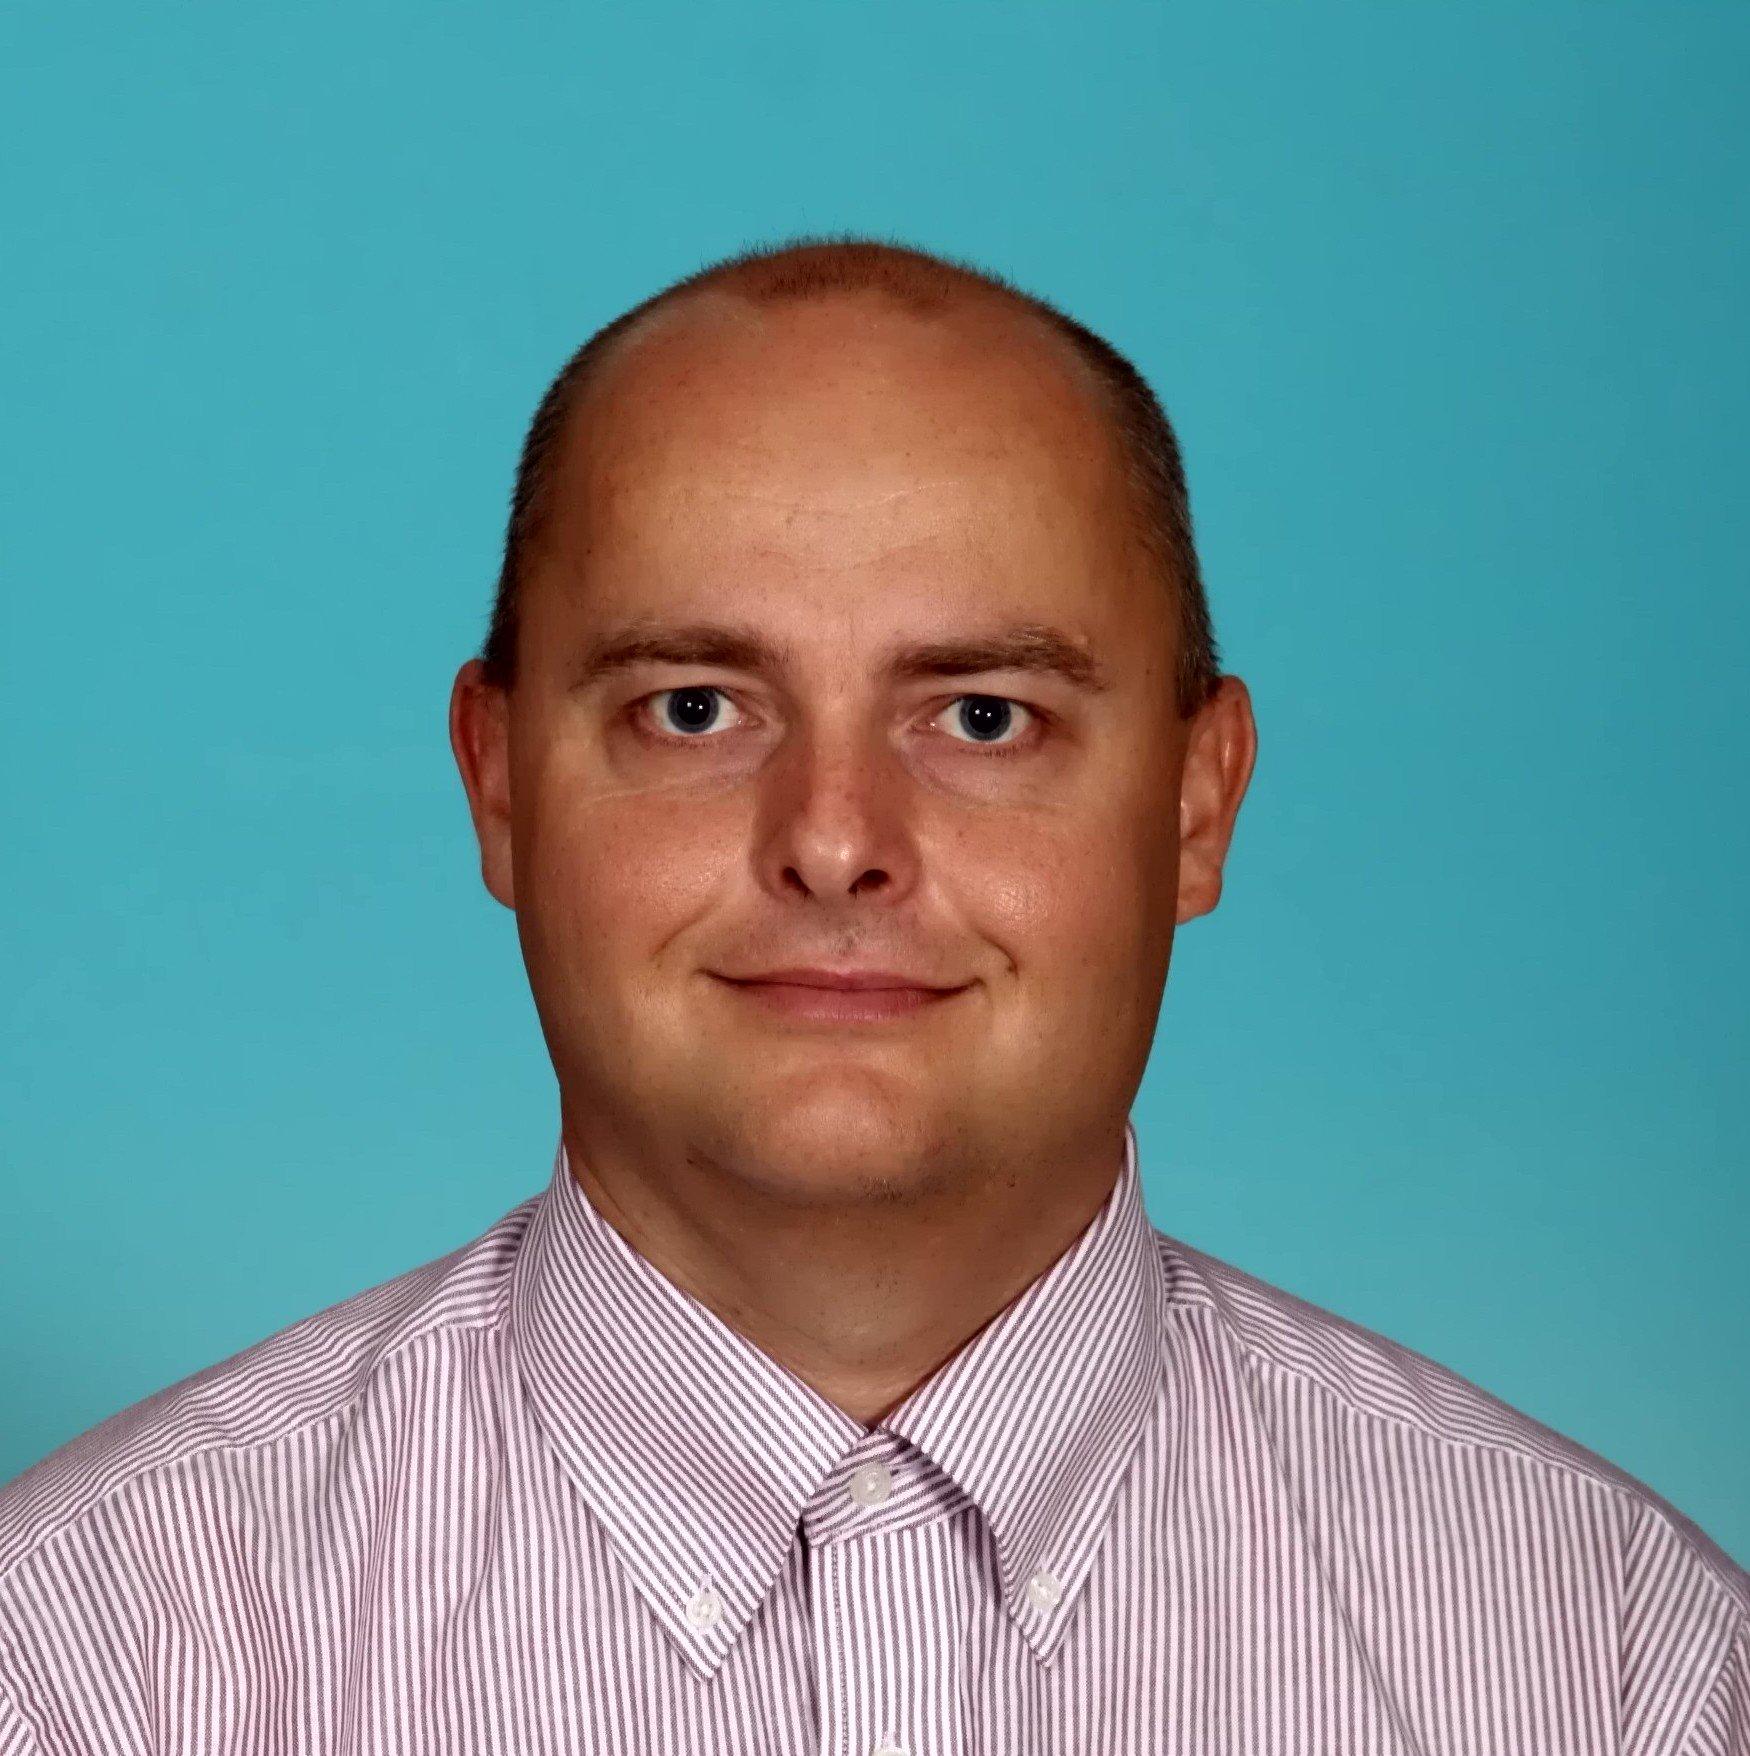 Martin Pavlicek